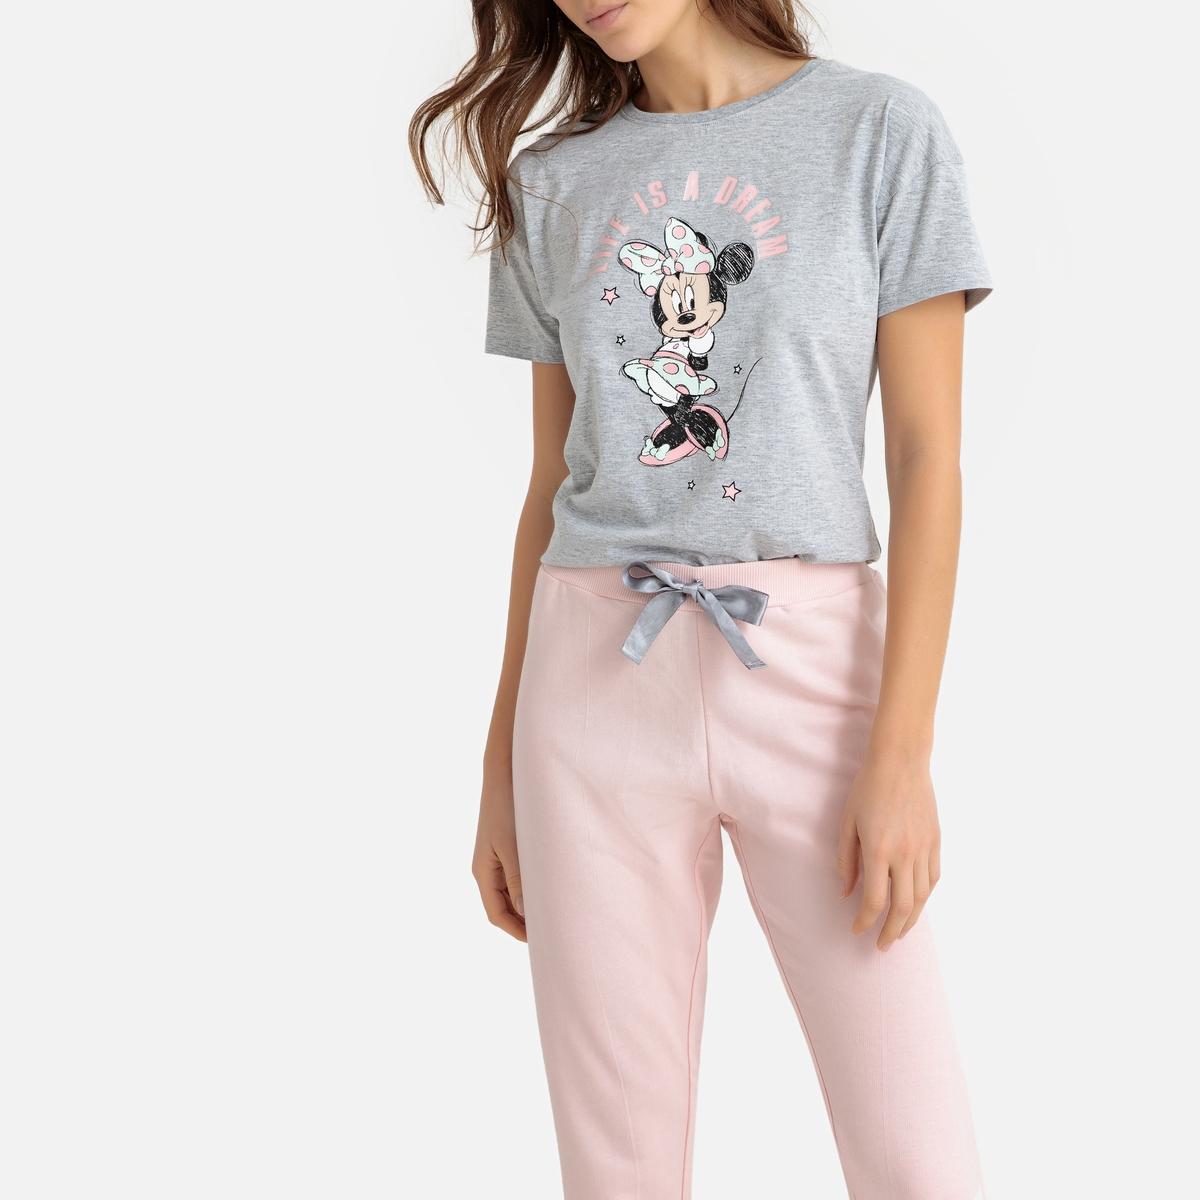 Pijama estampado de mangas curtas, Minnie